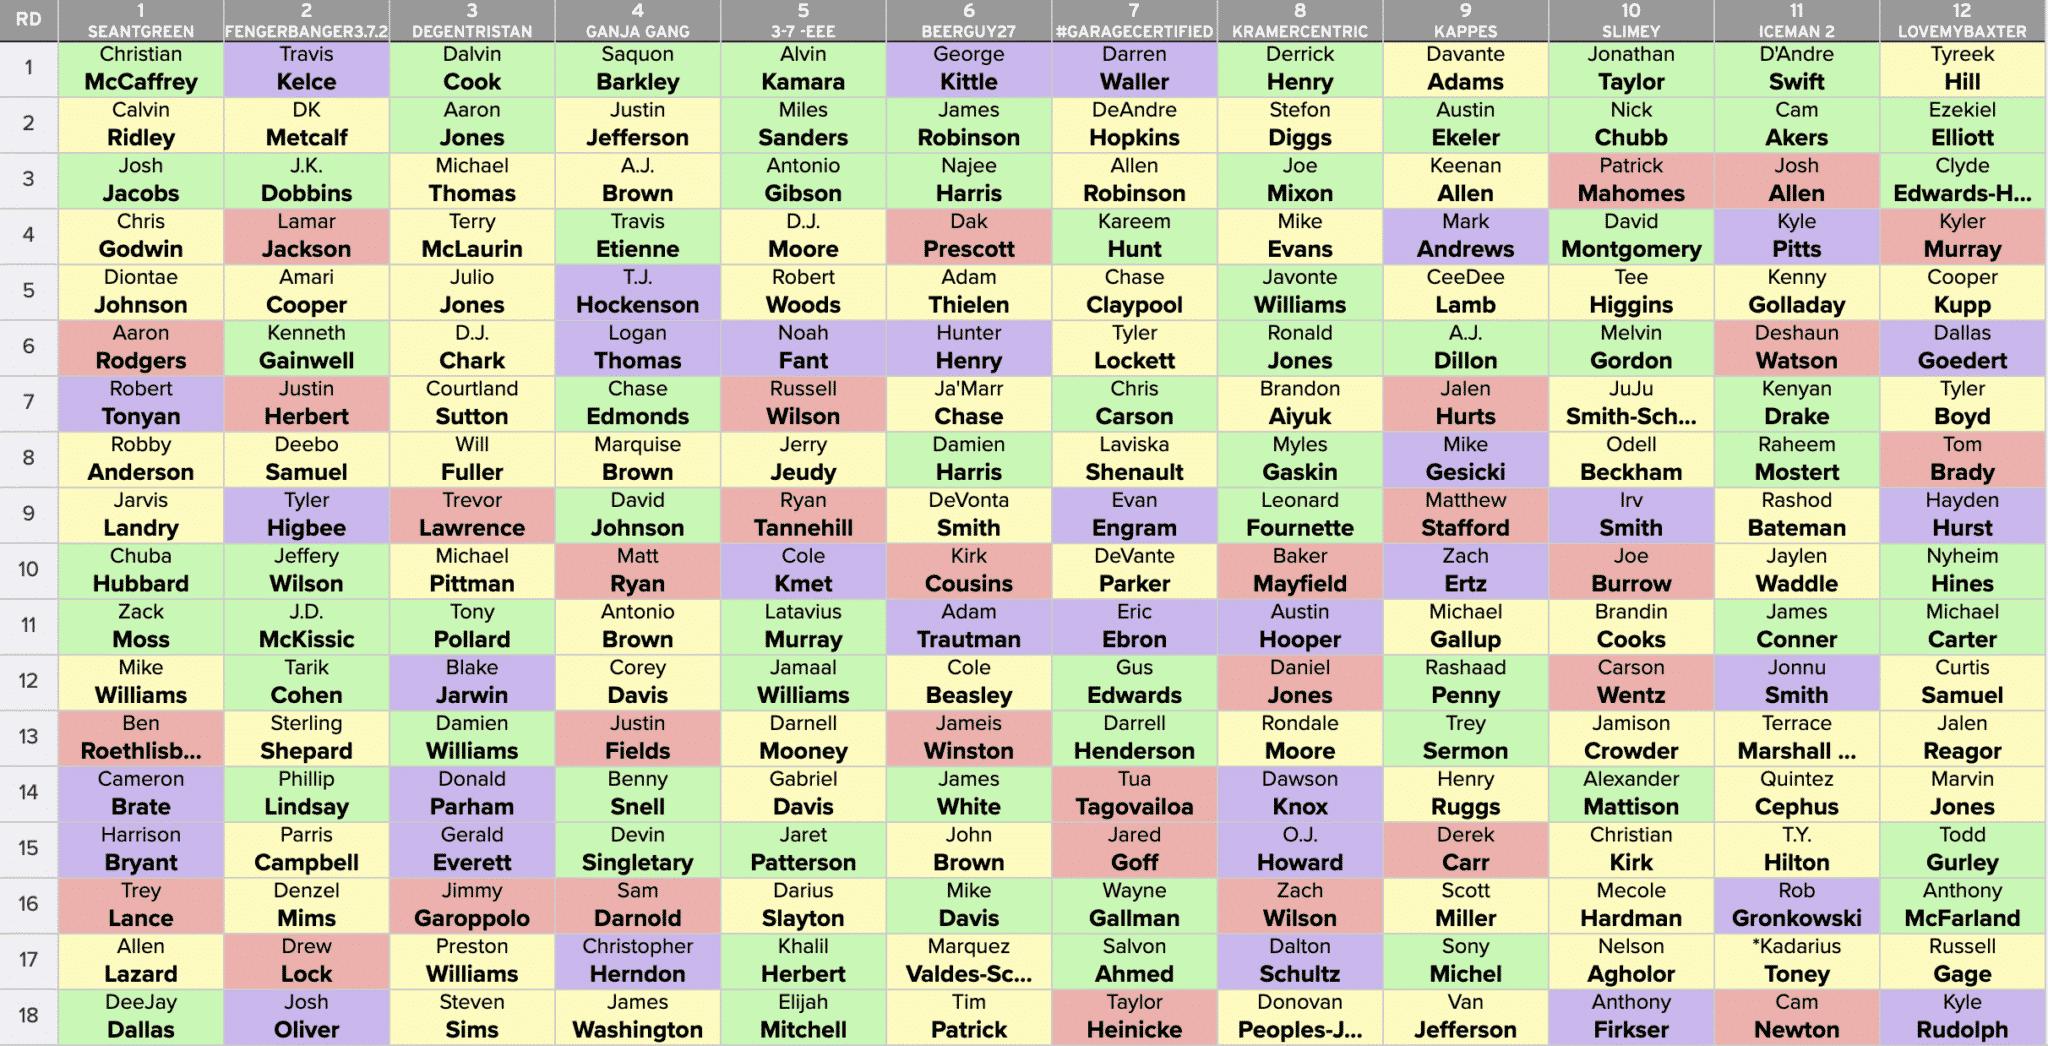 ffpc best ball draft 2